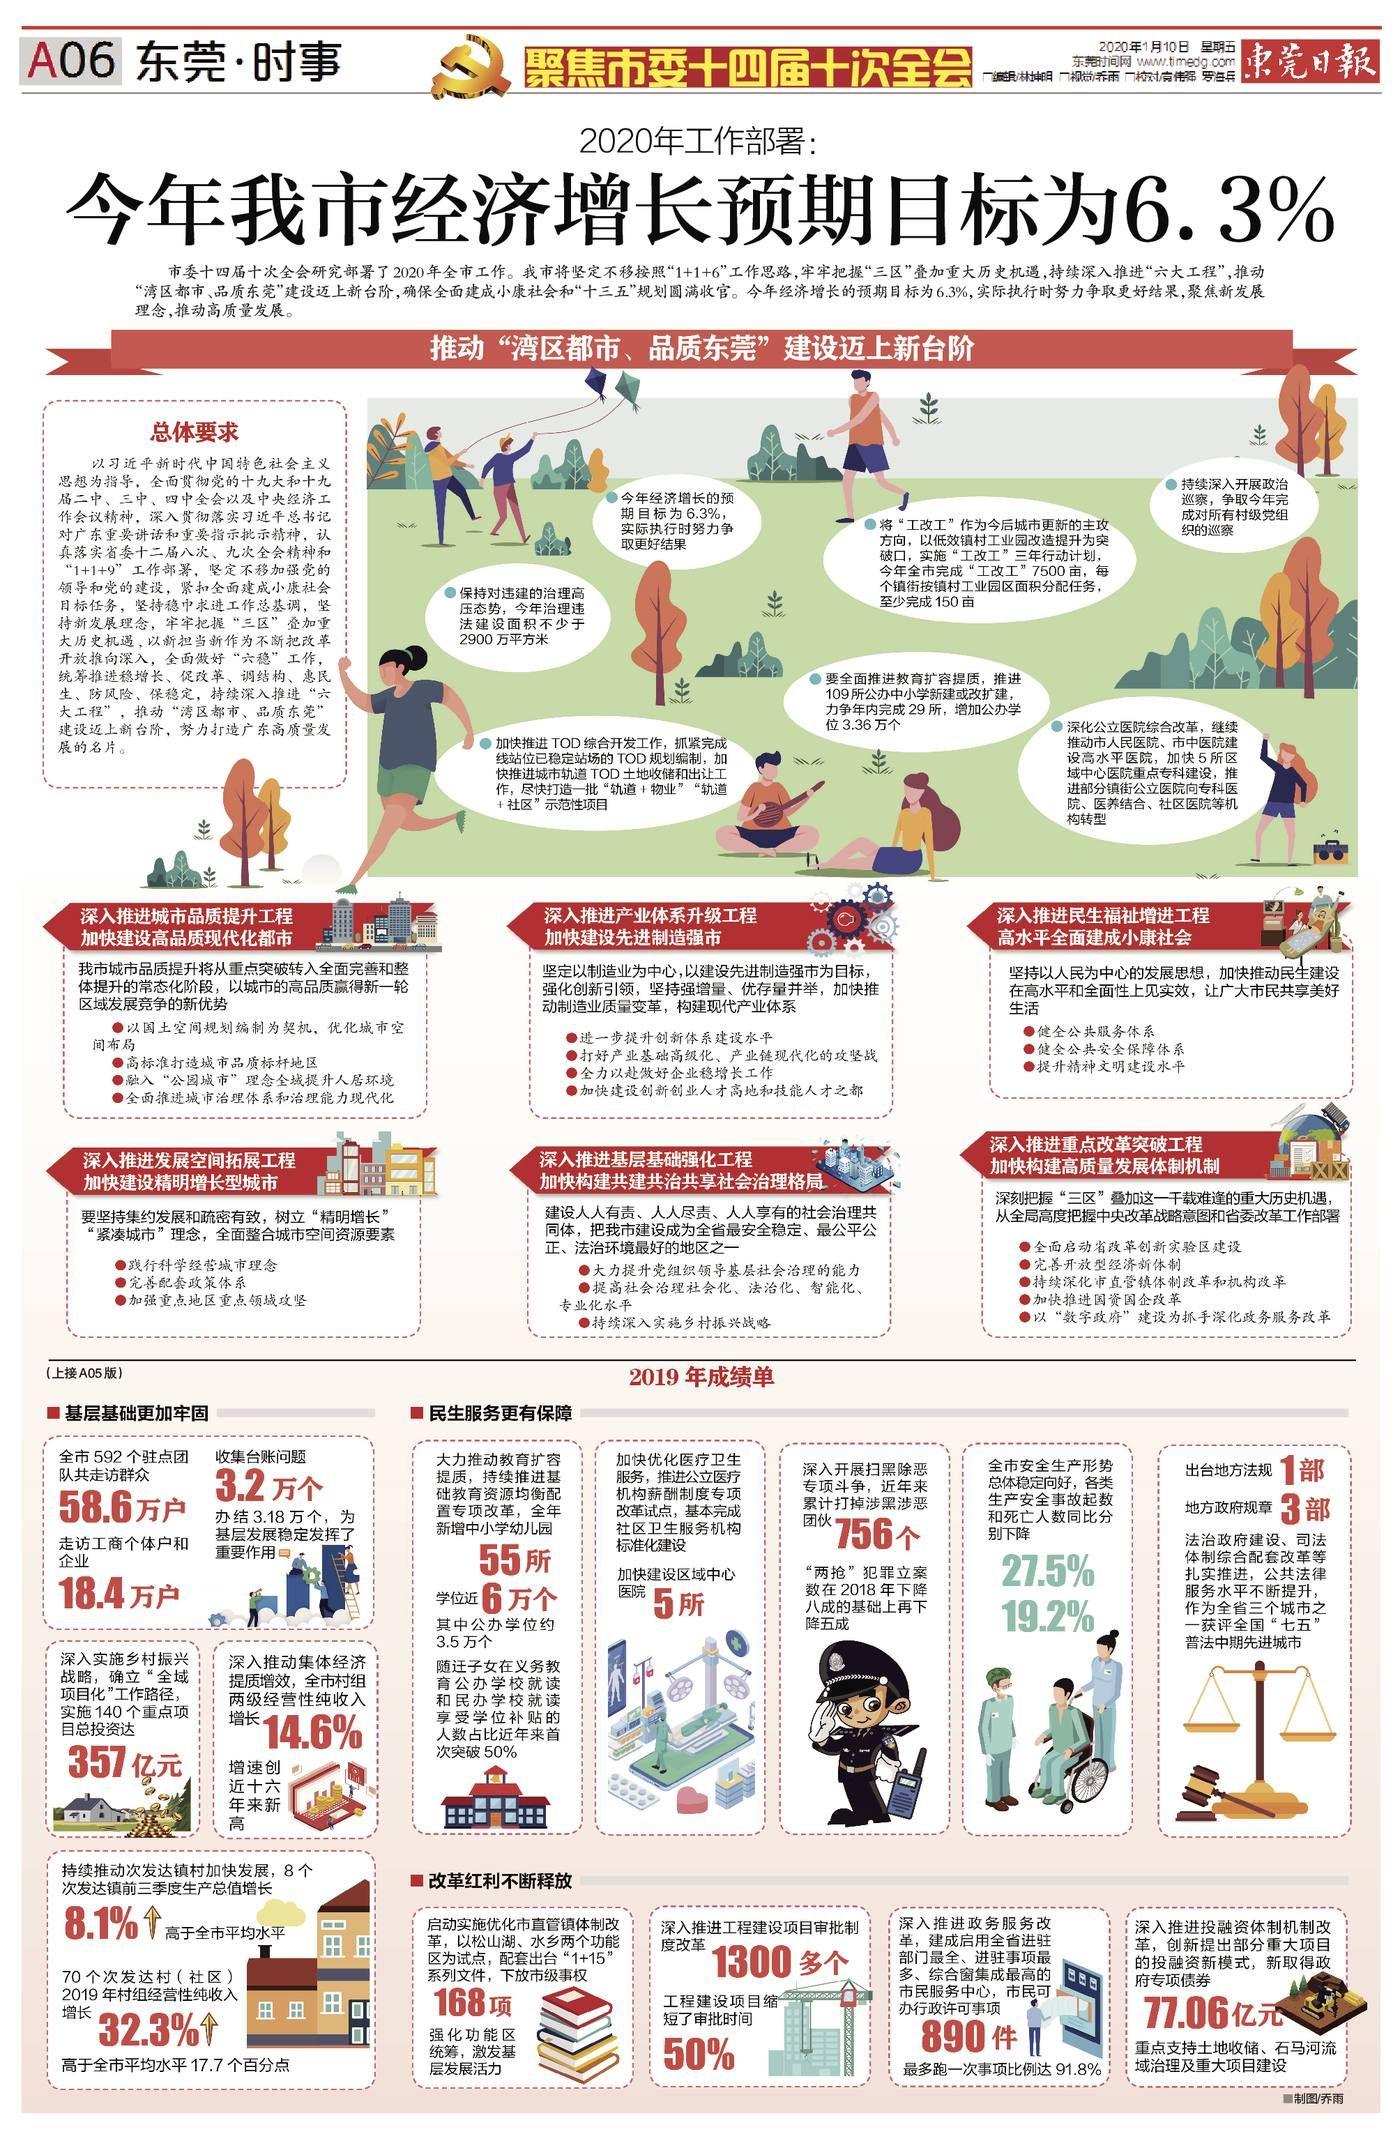 图解2020年工作部署:今年东莞市经济增长预期目标为6.3%